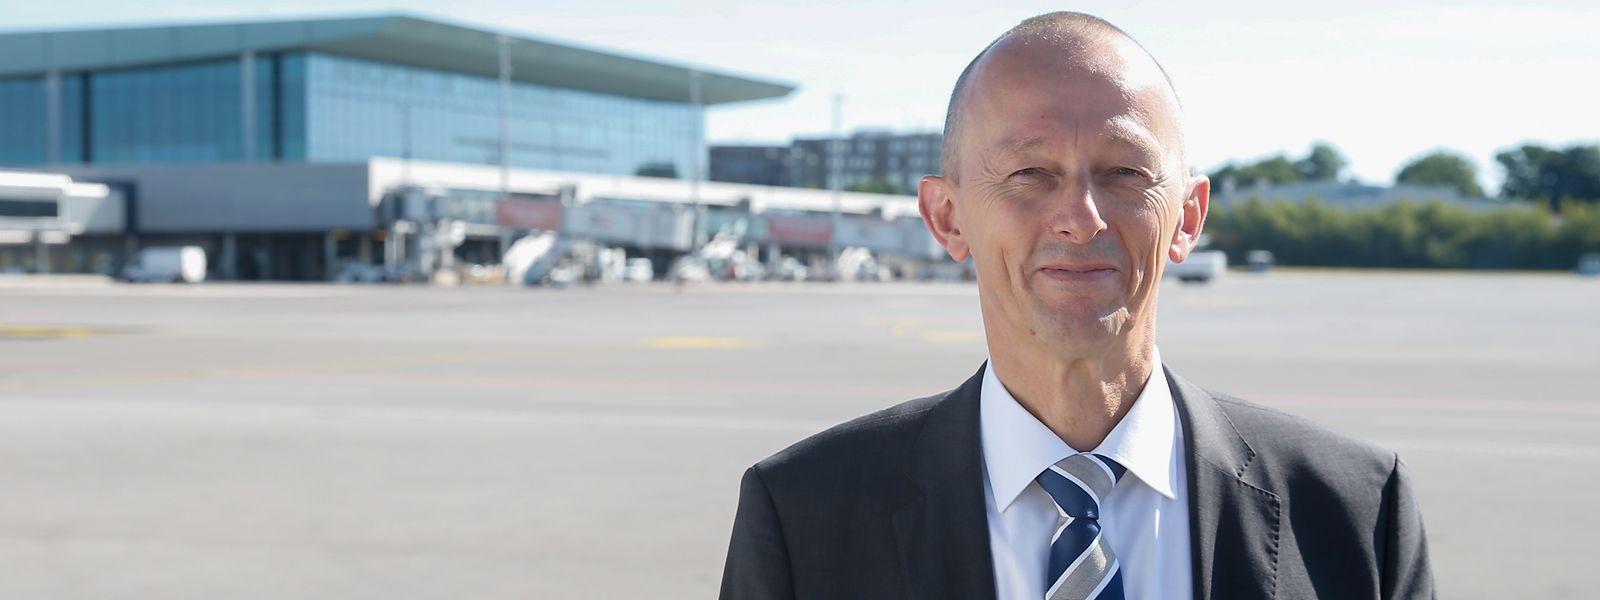 Kehrte dem Findel im Frühjahr 2018 den Rücken: der ehemalige lux-Airport-Geschäftsführer Johan Vanneste.